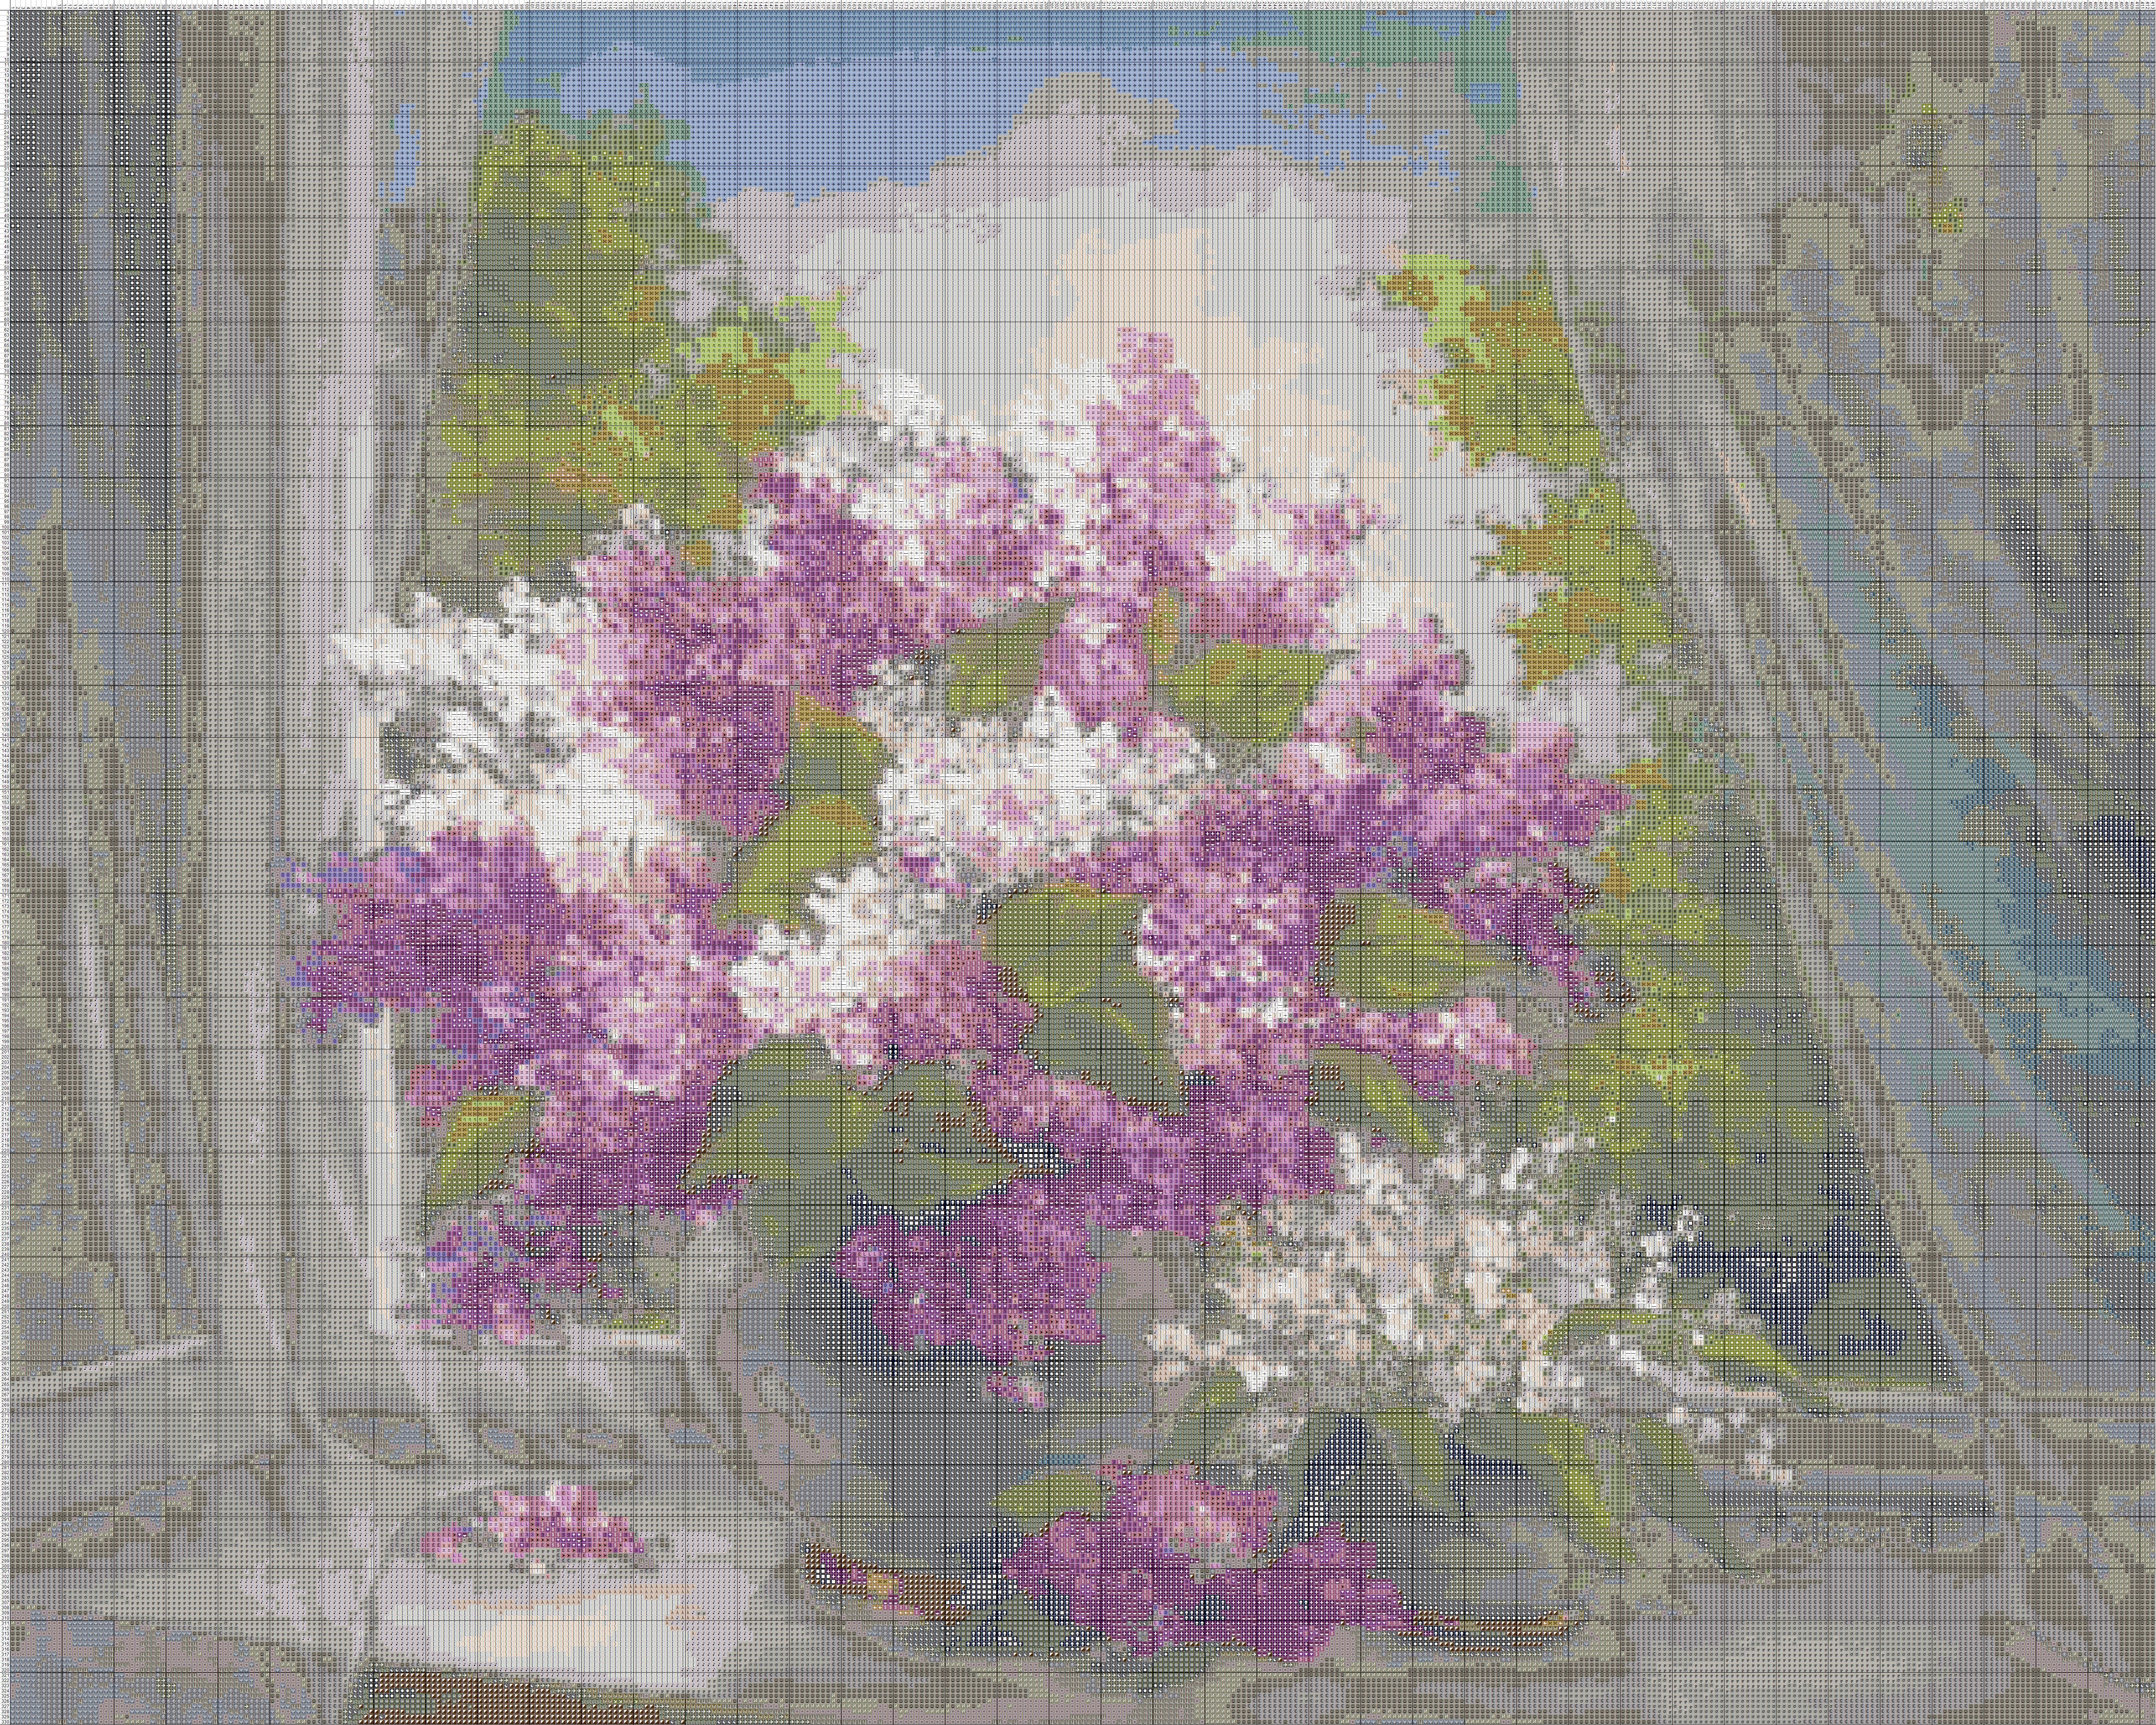 Схема для вышивки крестом «Цветы 1 » 75 Х 60